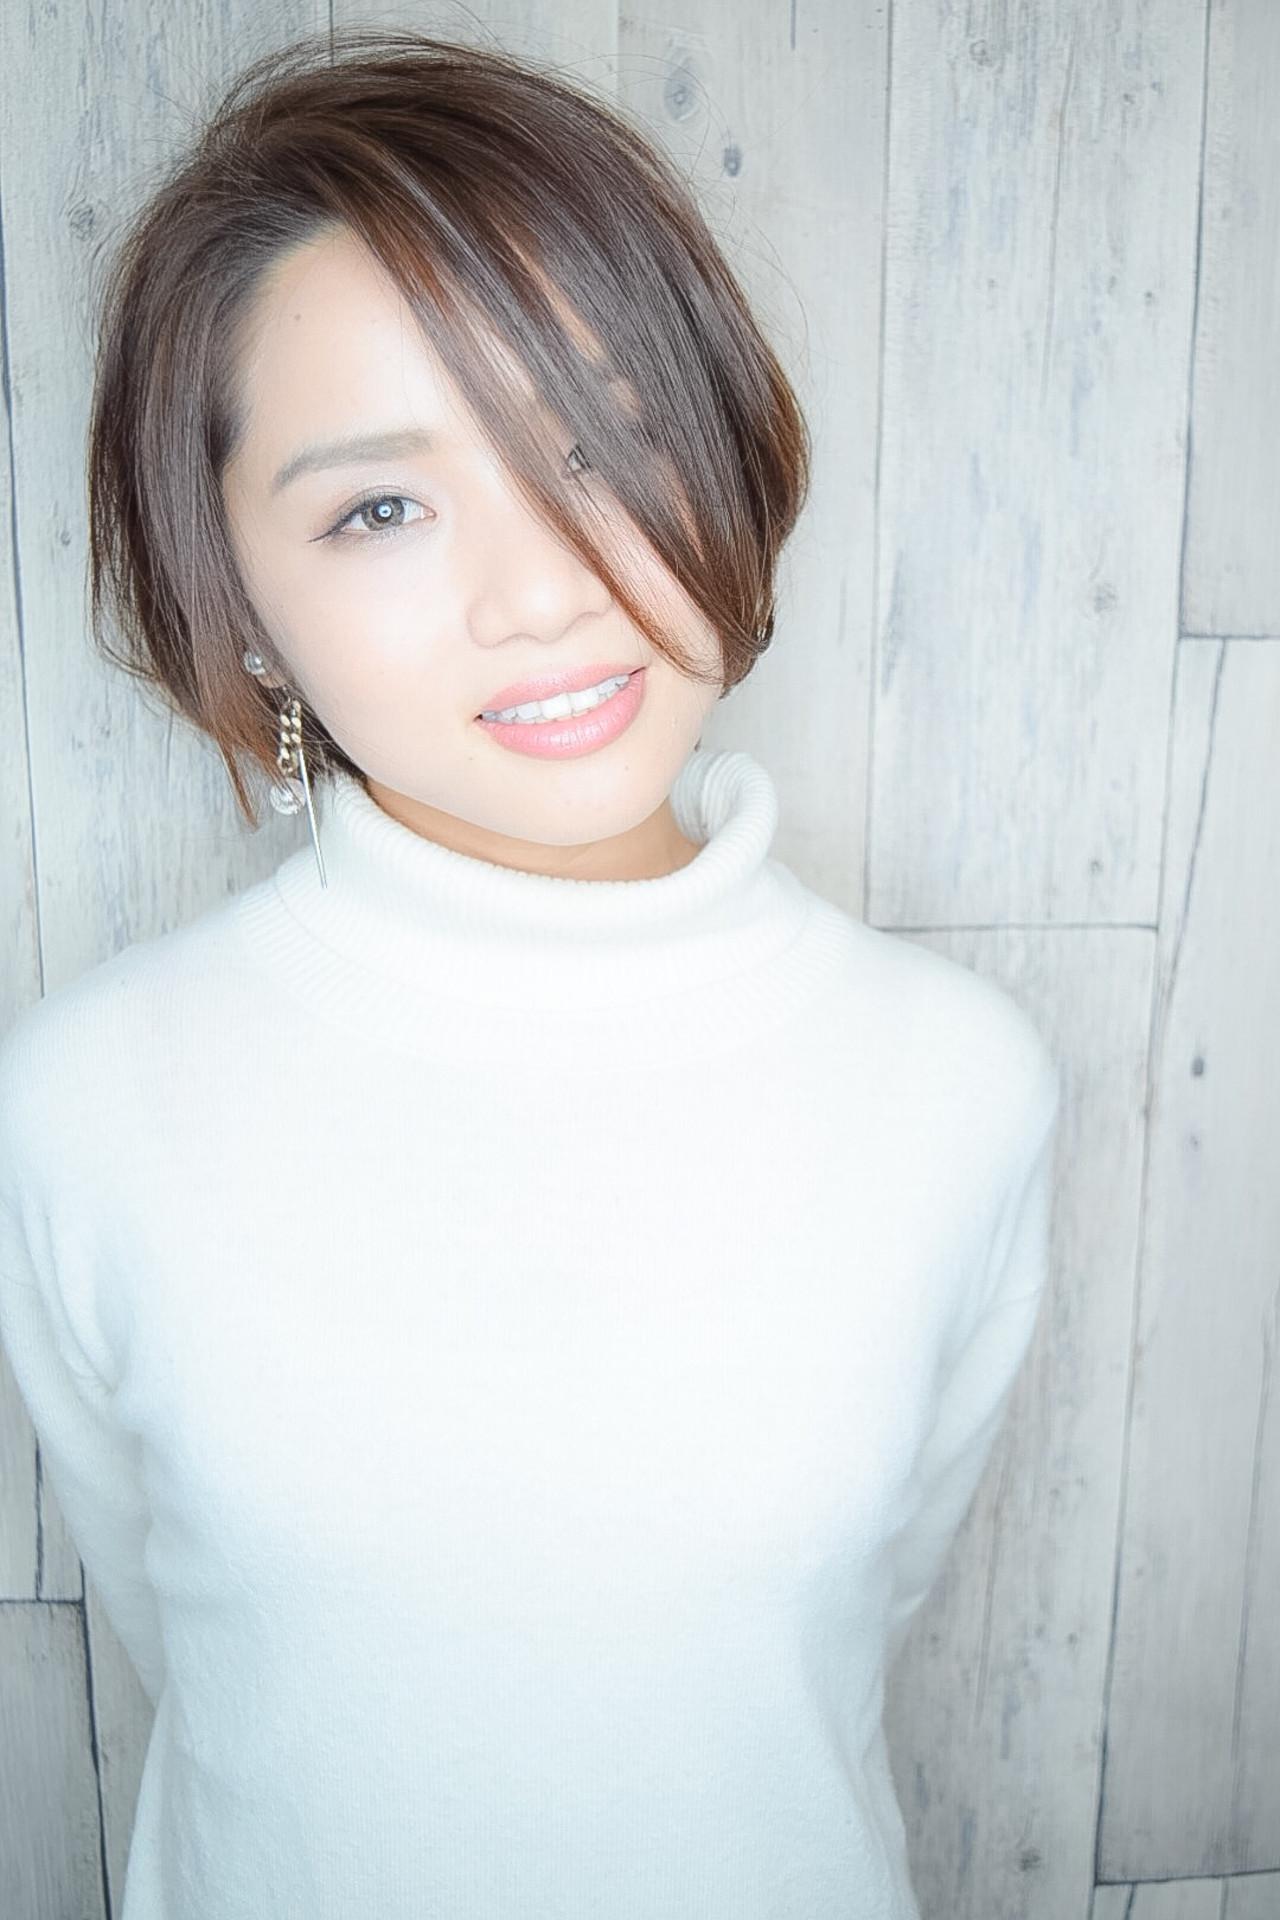 小顔ショート ショート フェミニン 黒髪 ヘアスタイルや髪型の写真・画像